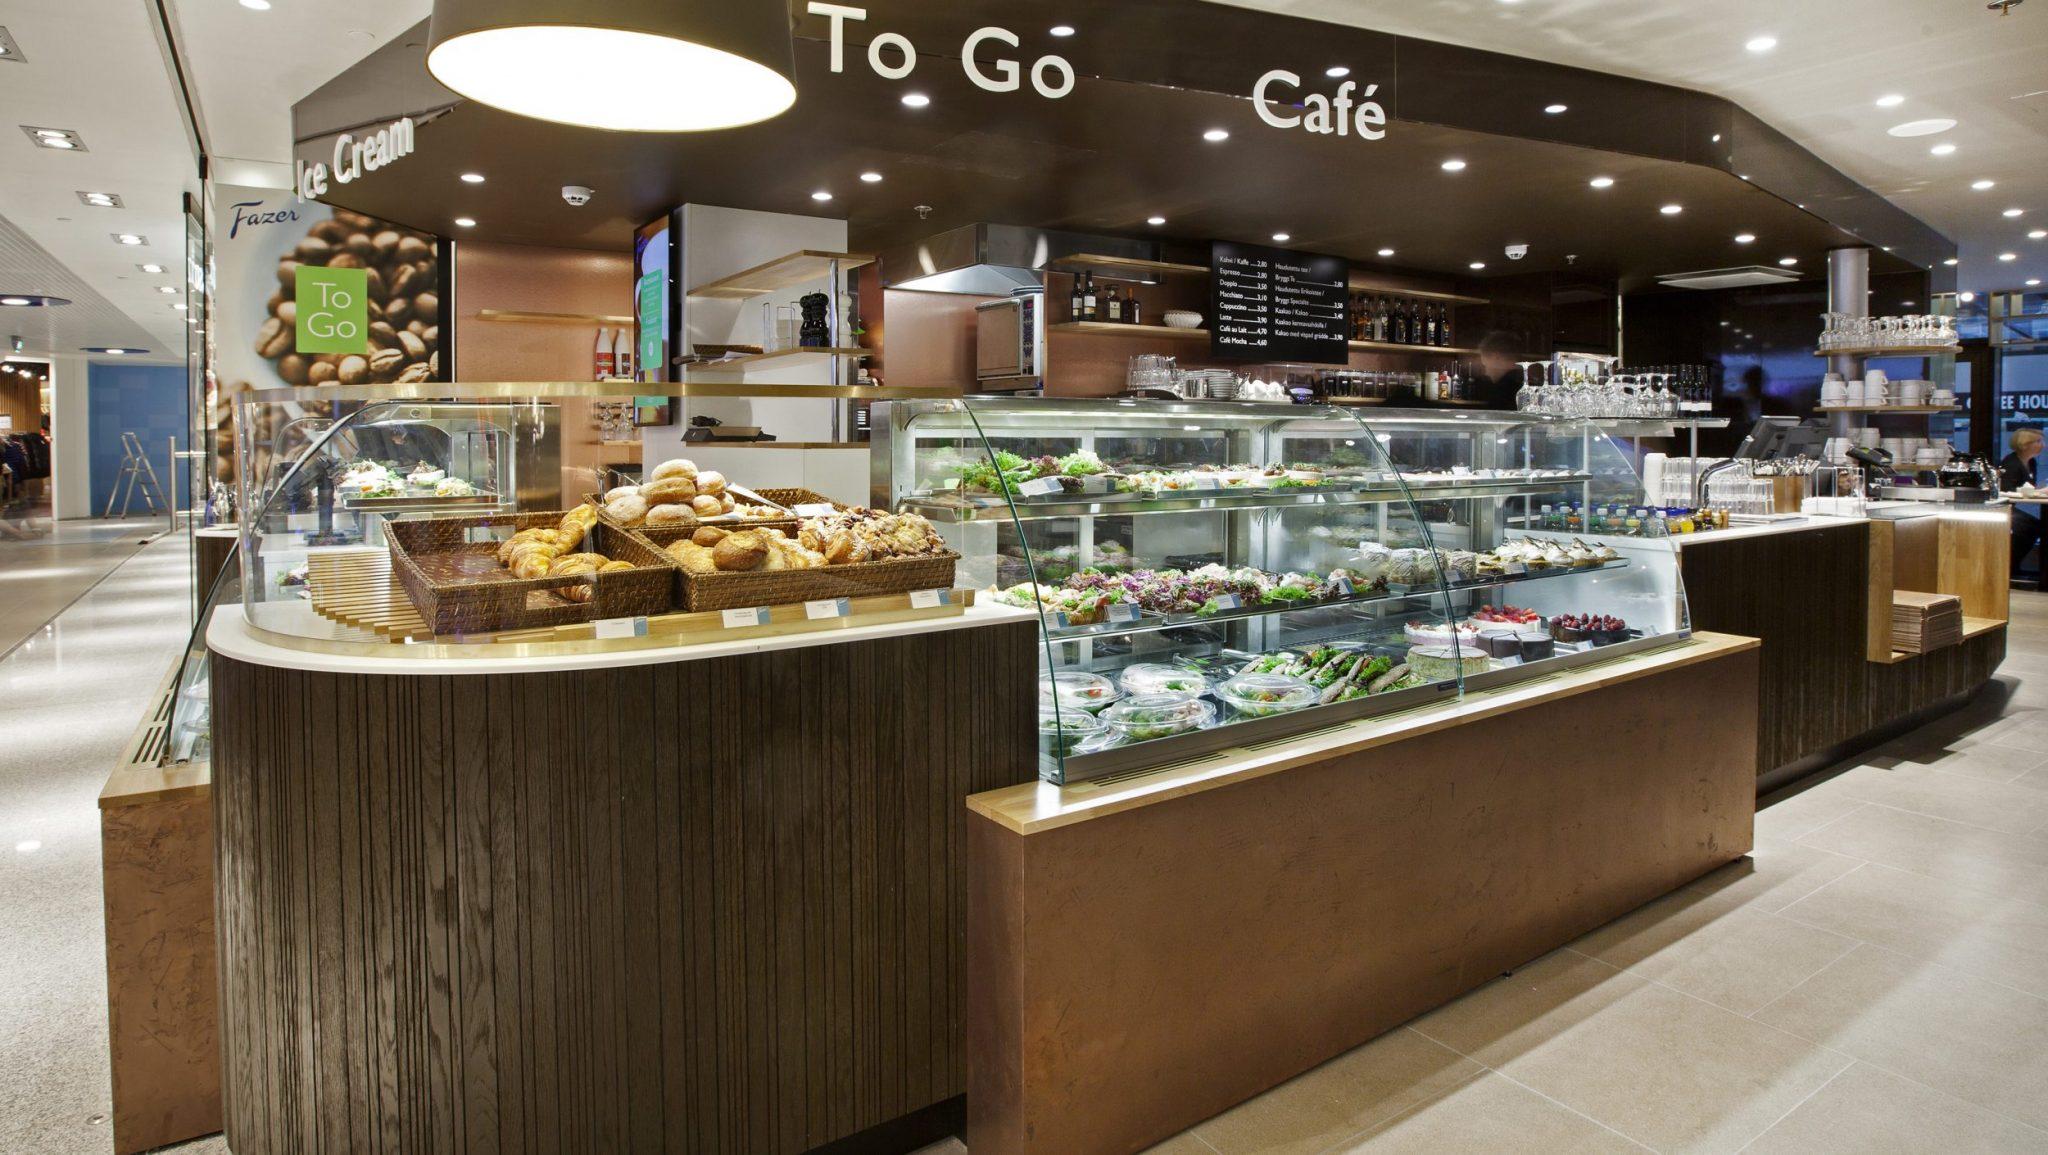 Fazer-Café-Helsinki-City-Center-GI-Project-9579